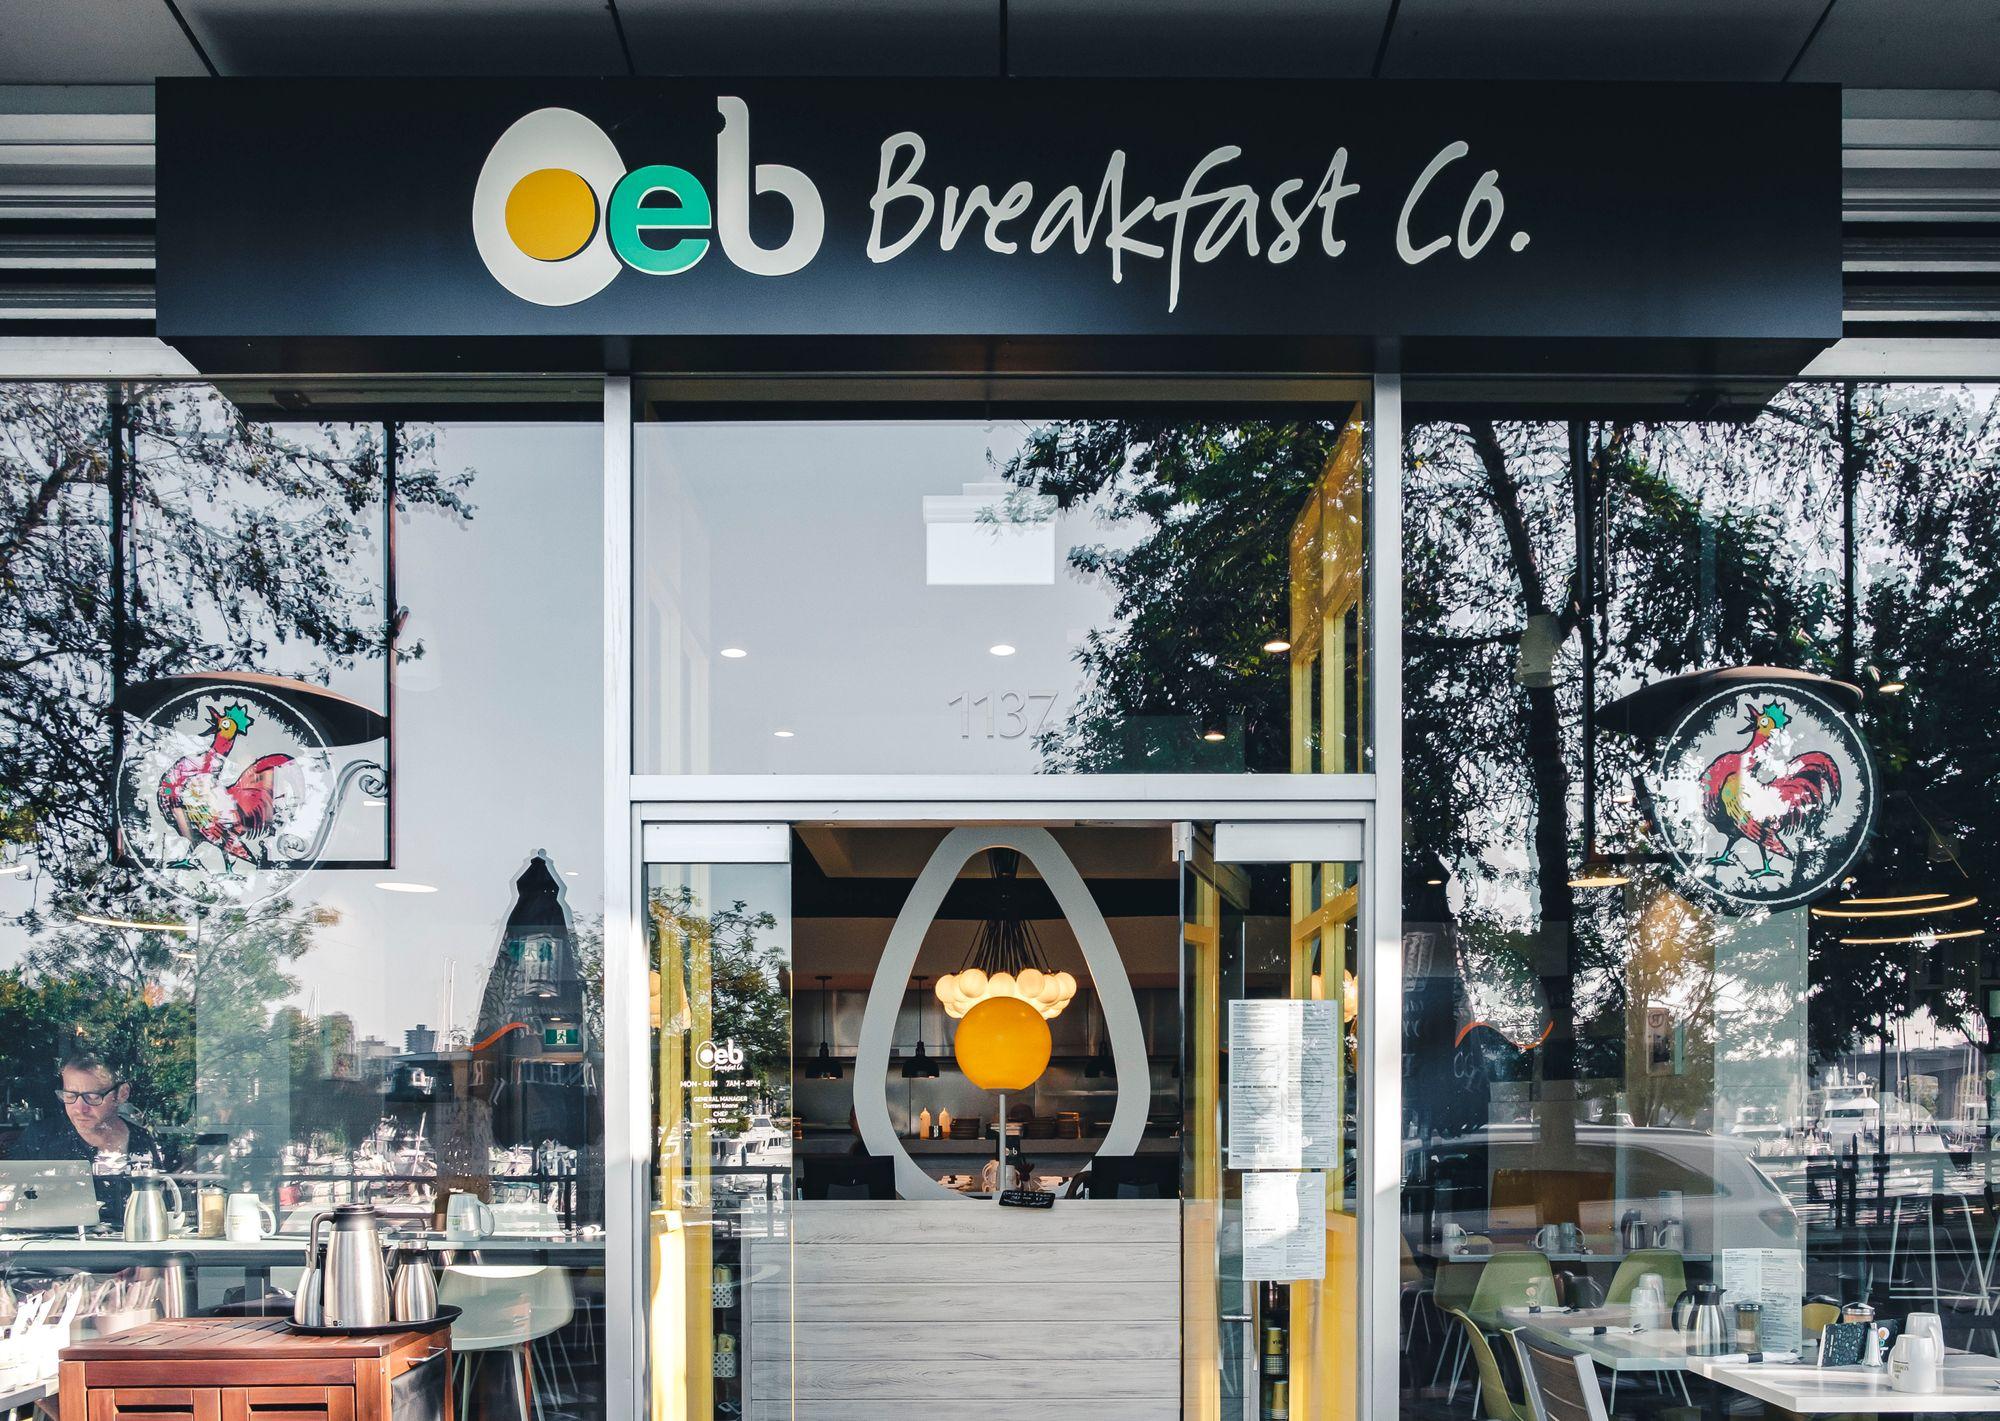 Outside OEB Breakfast Co.